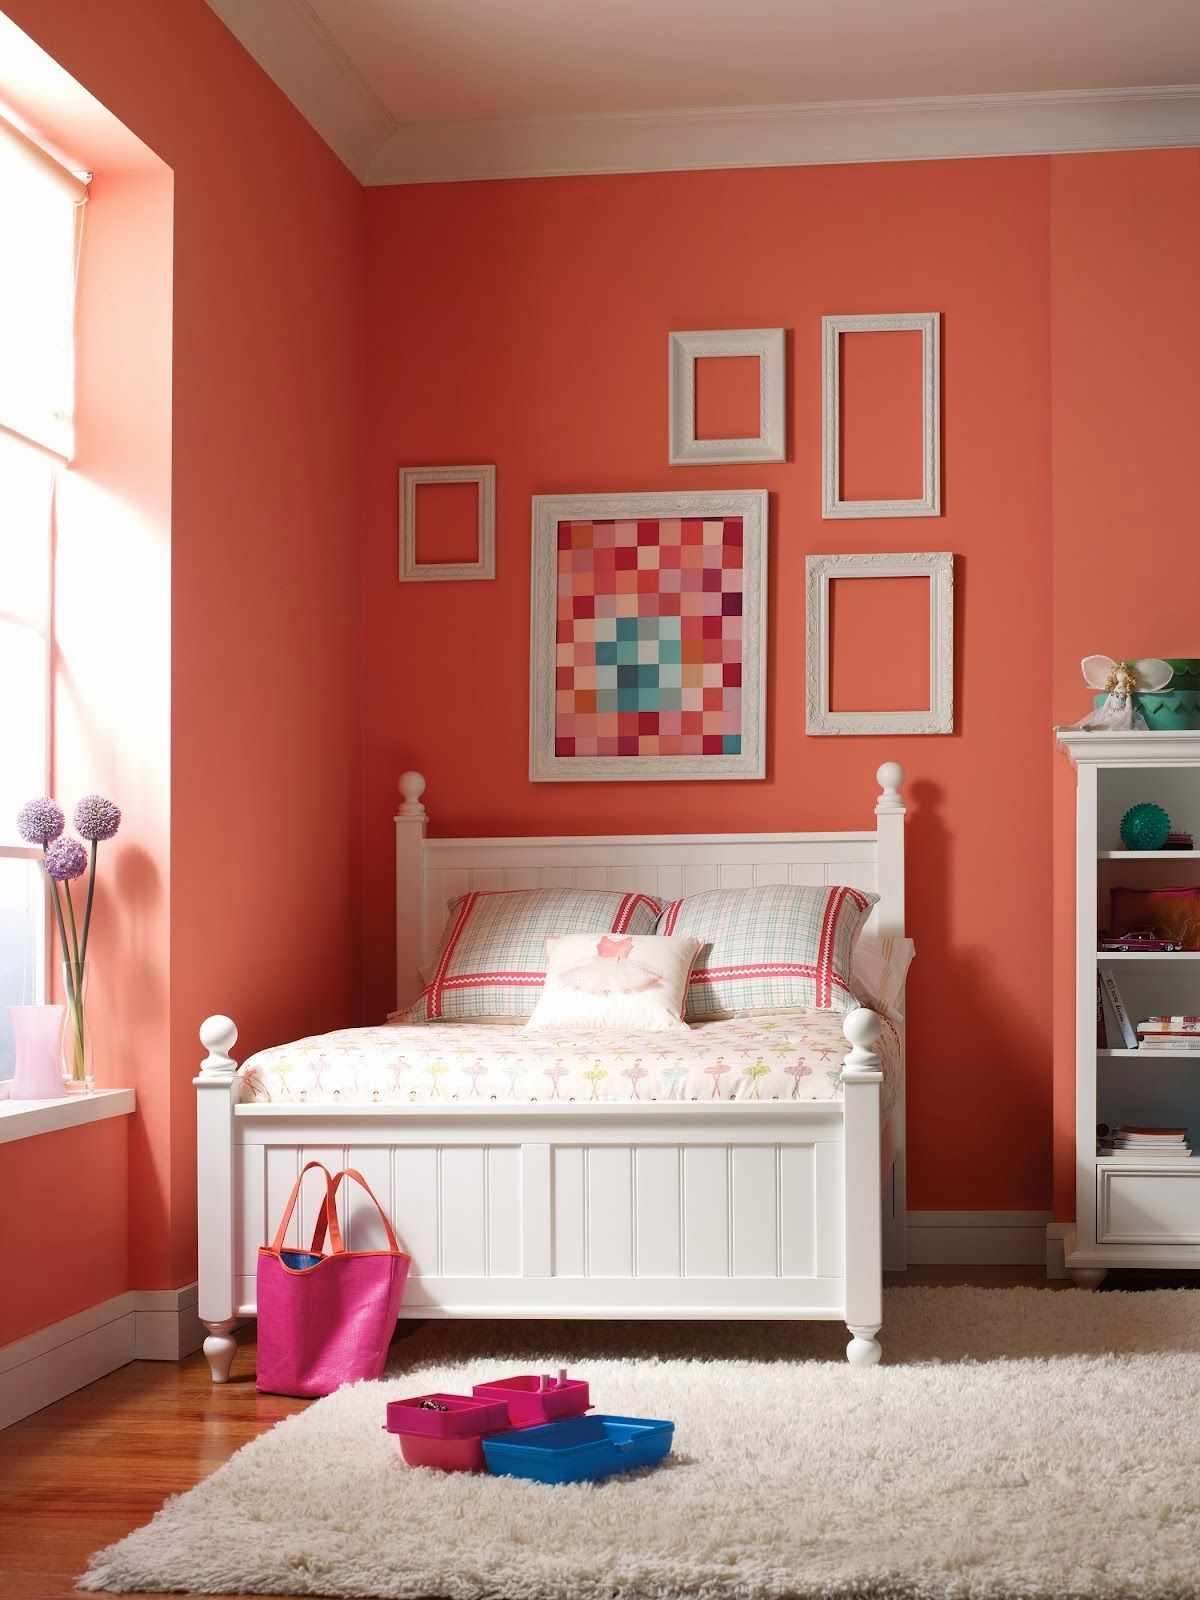 Варианты оформления комнаты в розовых оттенках